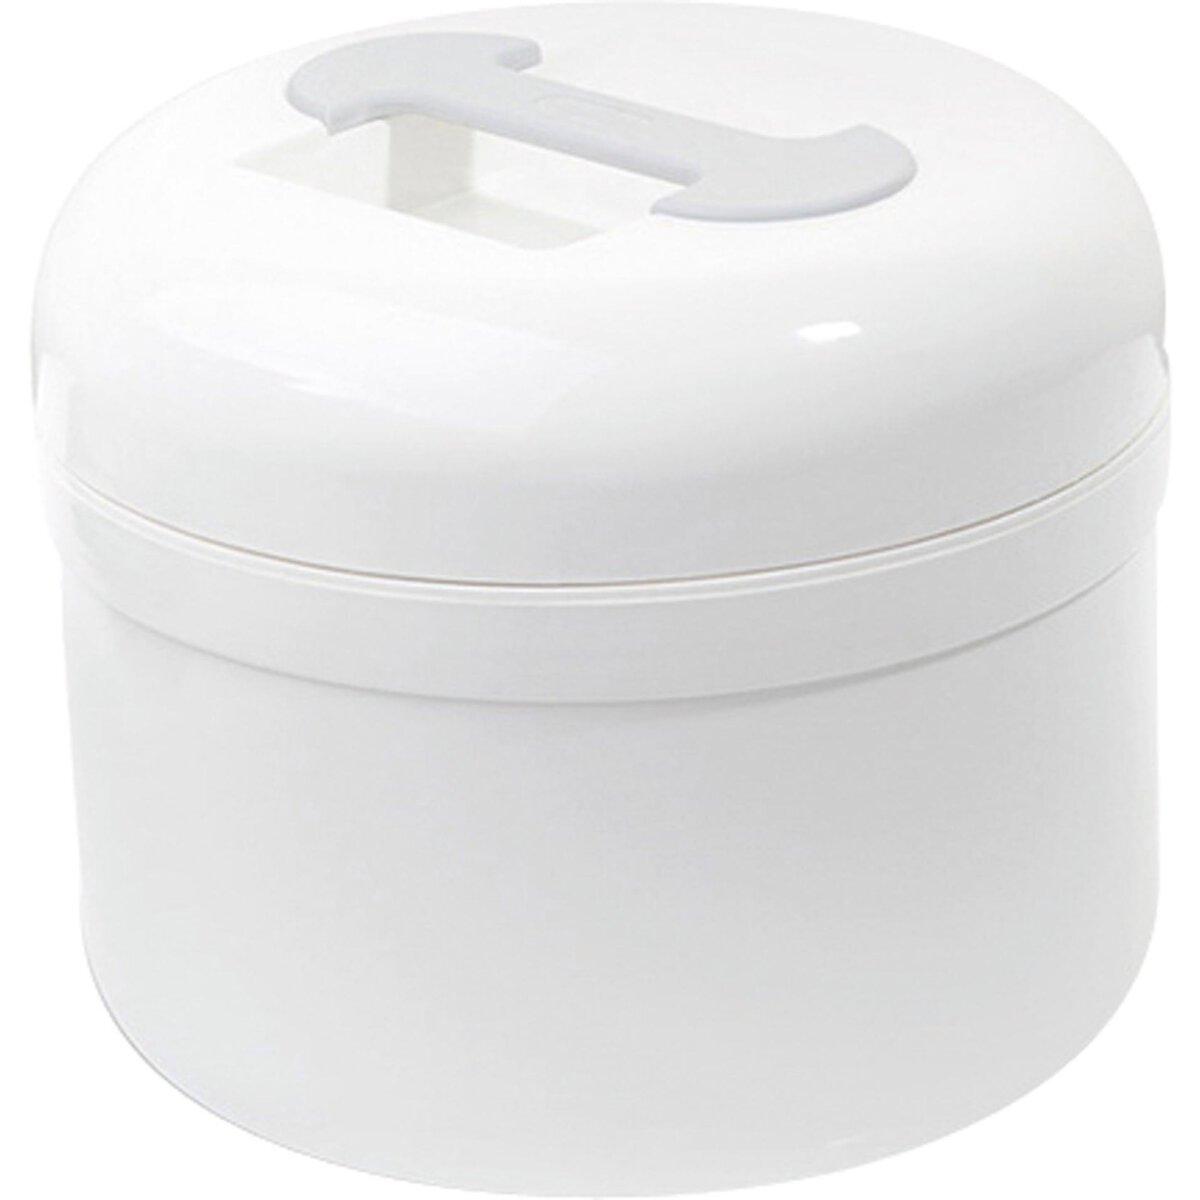 Eisbehälter anthrazit (1)